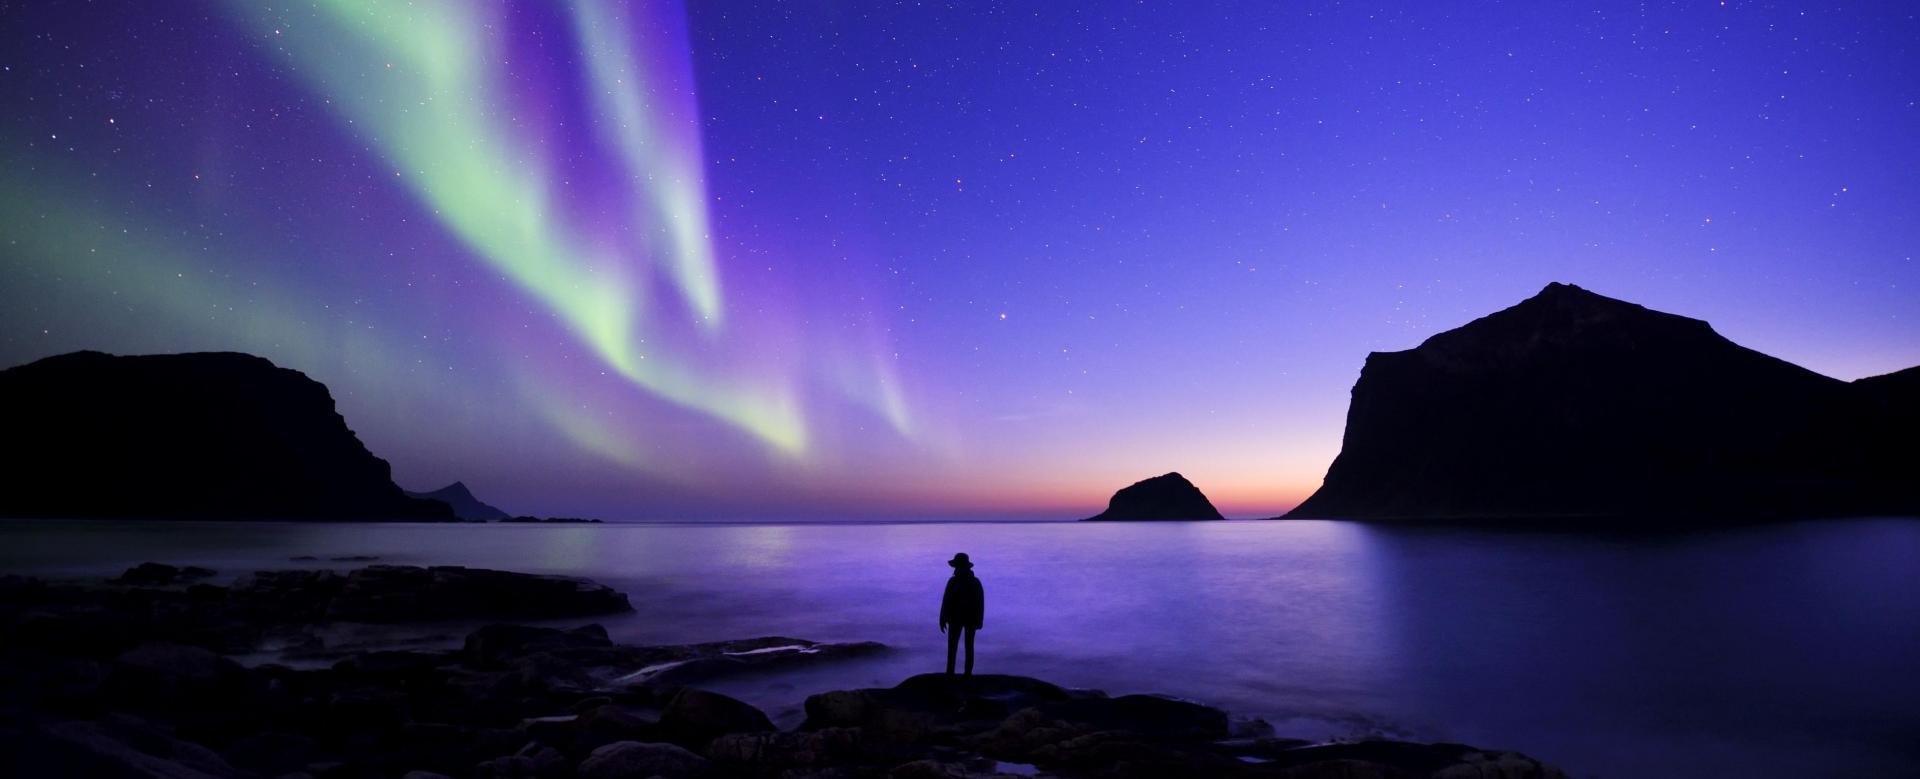 Voyage à la neige Norvège : Raquettes et aurores boréales sur l'île de senja